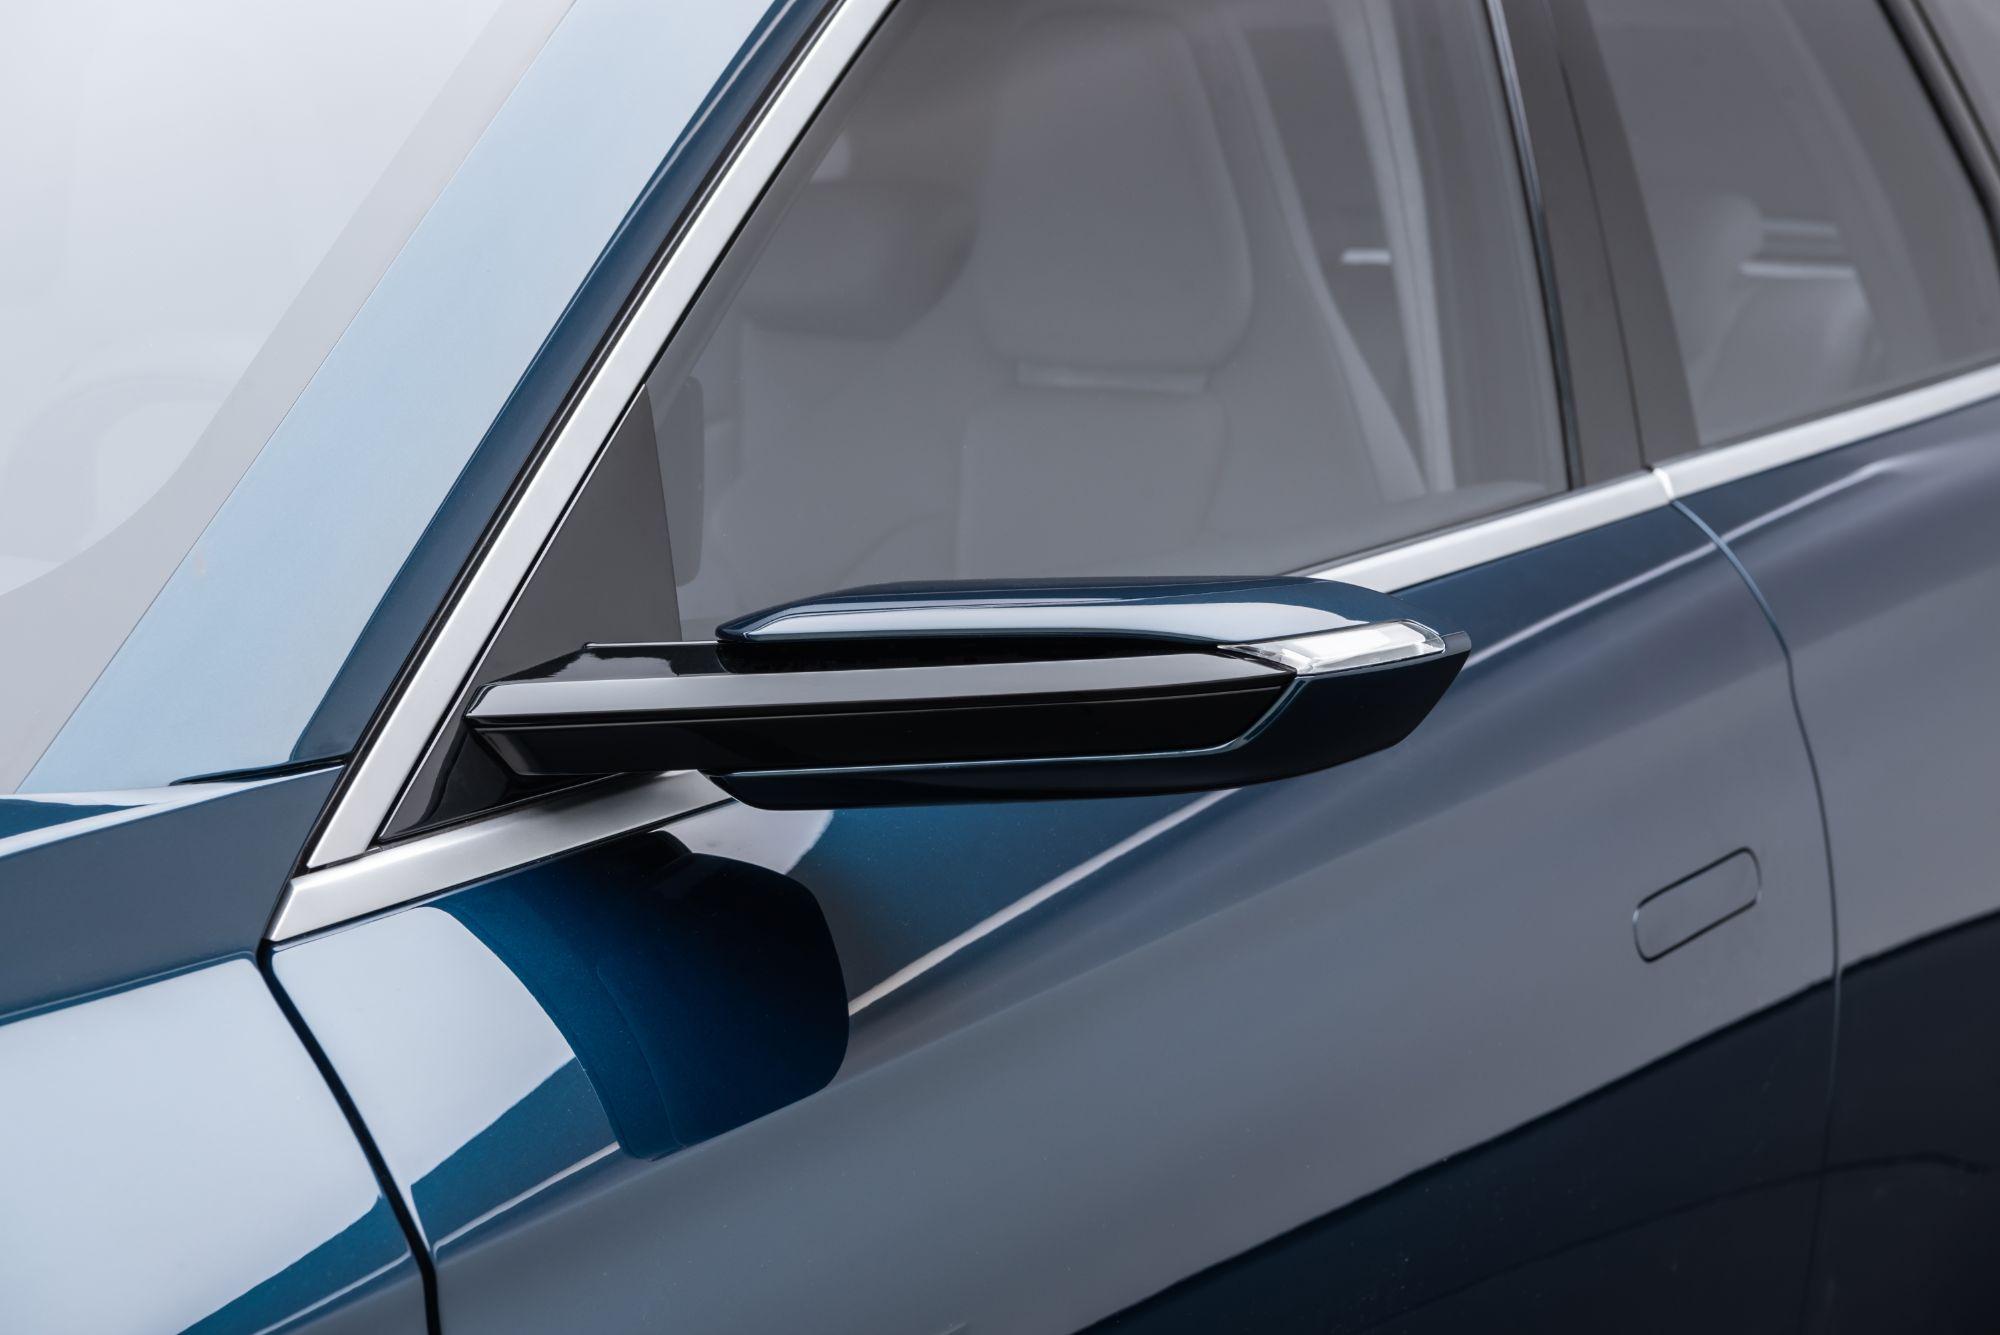 Türkiye'nin otomobilinin kullanıcıları dilerlerse 200 beygir güç sunan tek e-motor ile arkadan çekişli (RWD) versiyonu, veya toplam 400 beygir güç sunan iki e-motorlu tüm tekerleklerden çekiş (AWD) sistemine sahip versiyonu tercih edebilecek.